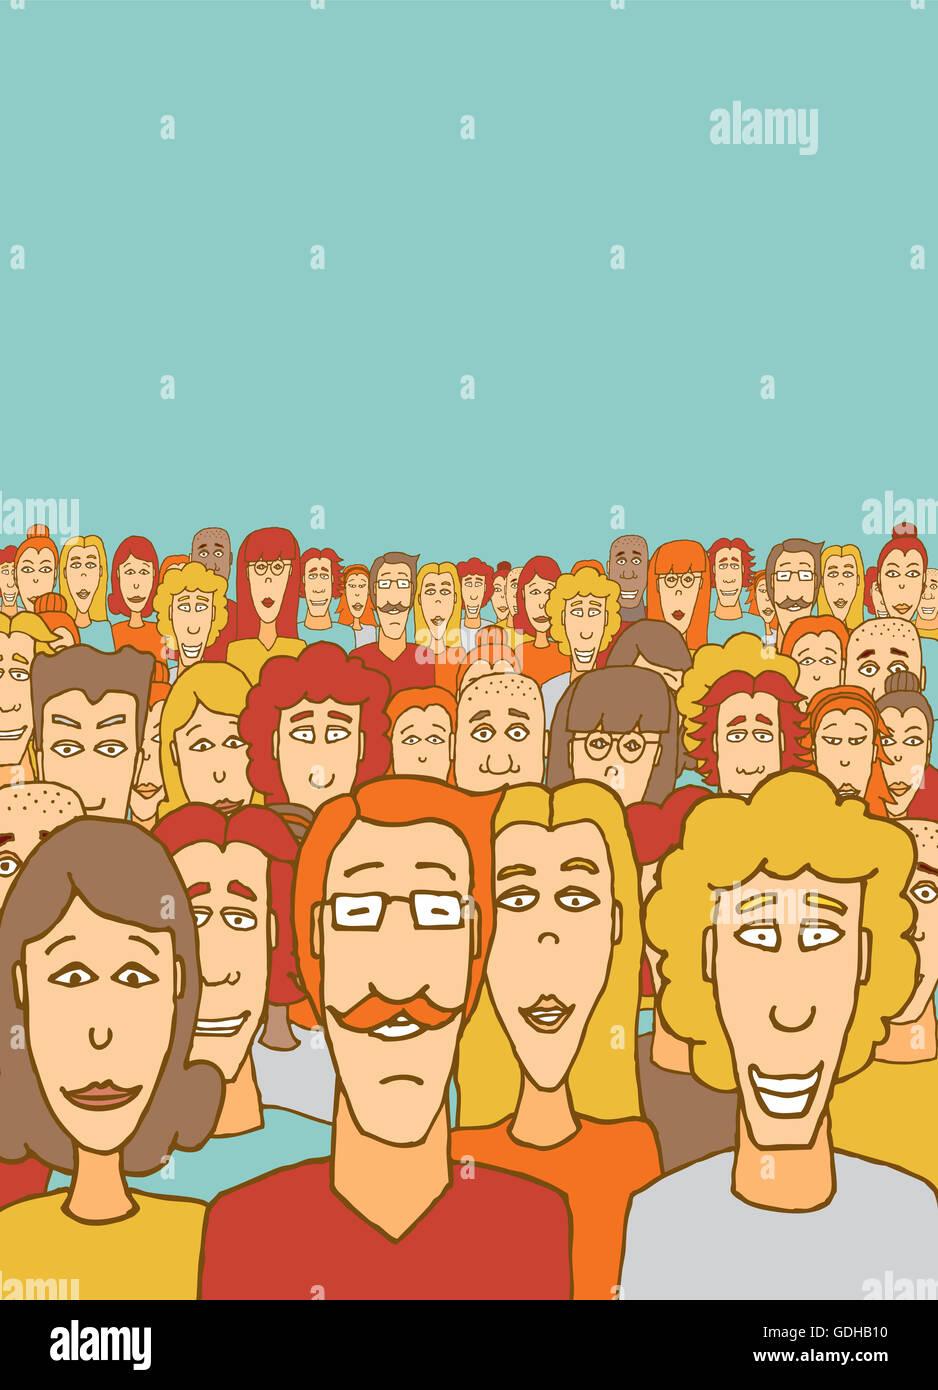 Cartoon Illustration einer großen Menschenmenge Gemeinschaft Stockbild